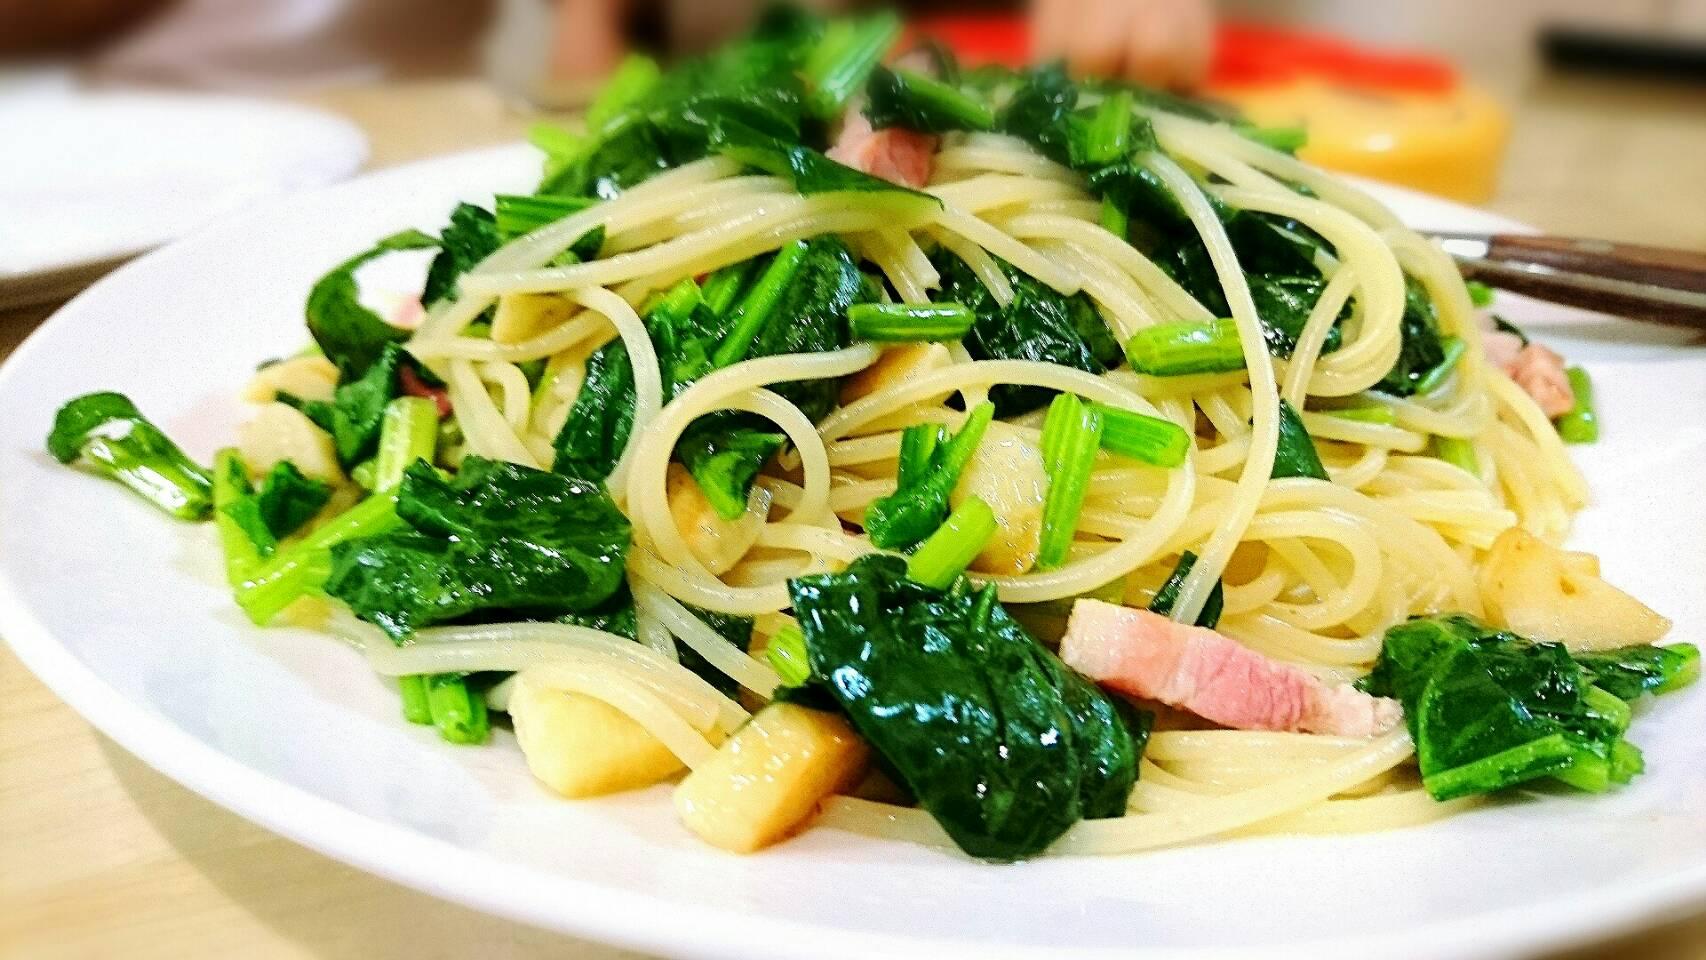 【イタリアン】パンチェッタとほうれん草のスパゲティー